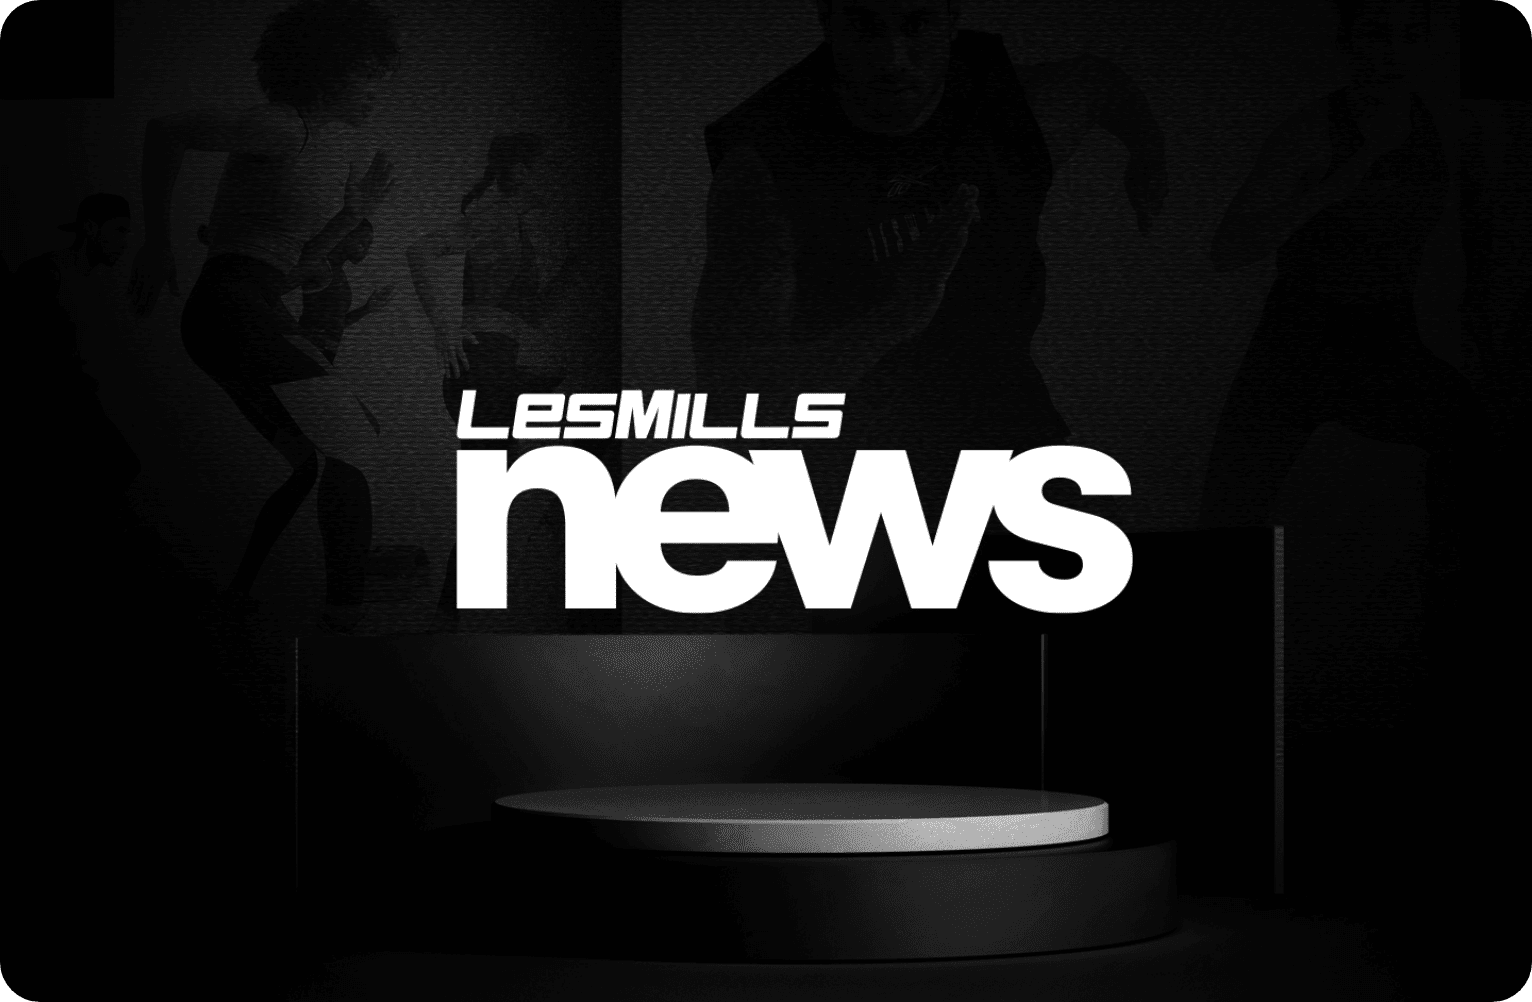 Formazione continua Les Mills